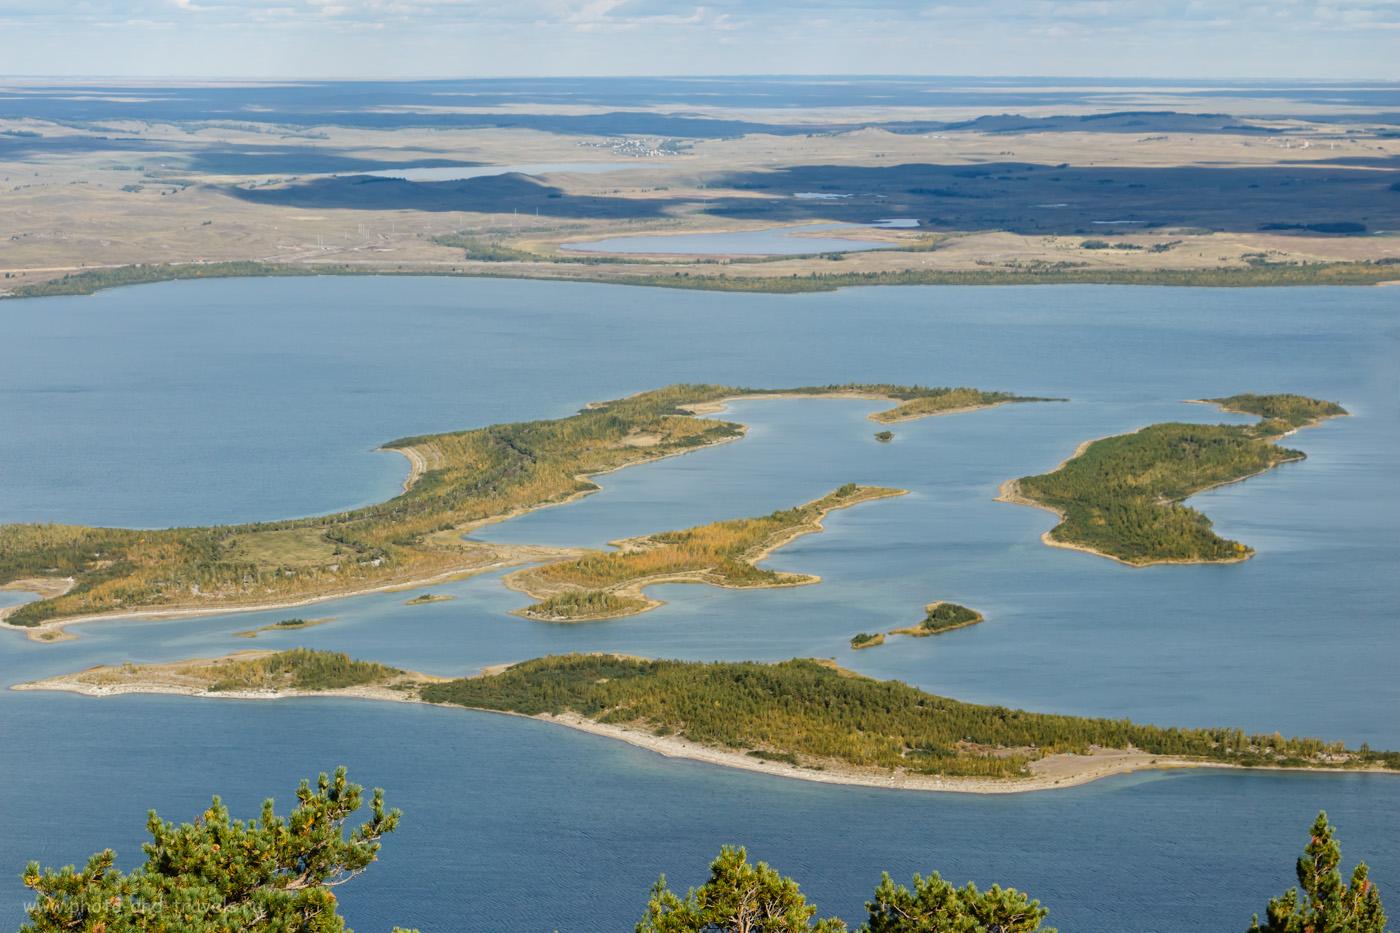 Снимок 30. Осеннее озеро Большое Чебачье. Отзыв о поездке в Бурабай на машине. Семейный отдых на природе в Казахстане. 1/200, +0.3, 10, 200, 50.